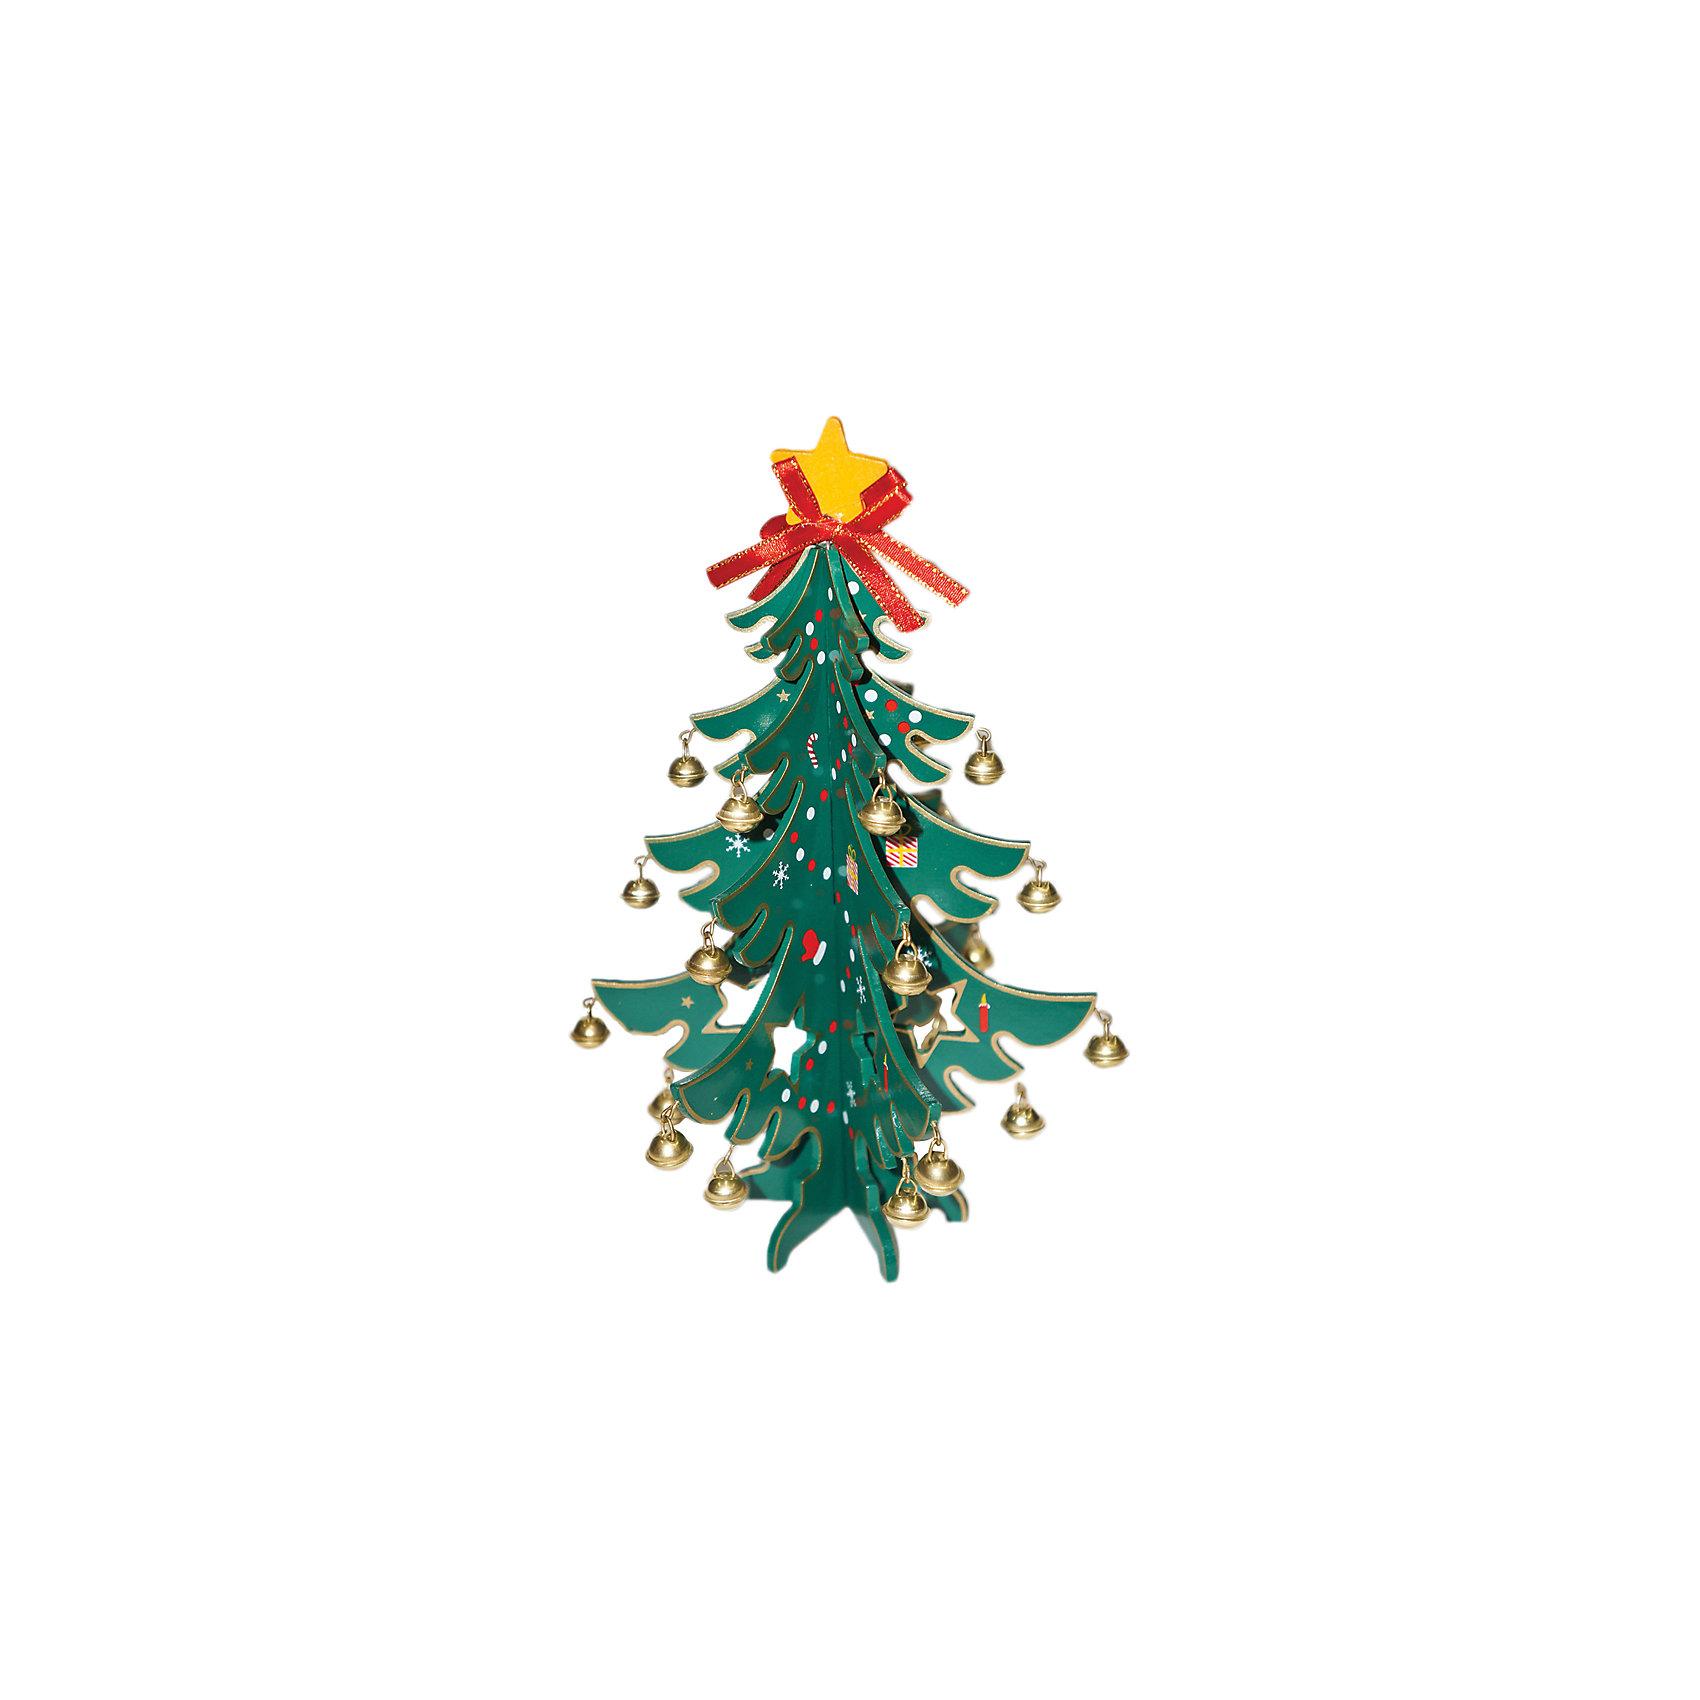 Деревянная елочка с колокольчиками, 23 смЕлочка деревянная с колокольчиками - необычный новогодний аксессуар, который украсит ваш дом или офис. Высота елочки: 23 см.<br><br>Ширина мм: 180<br>Глубина мм: 210<br>Высота мм: 50<br>Вес г: 144<br>Возраст от месяцев: 36<br>Возраст до месяцев: 420<br>Пол: Унисекс<br>Возраст: Детский<br>SKU: 5078411